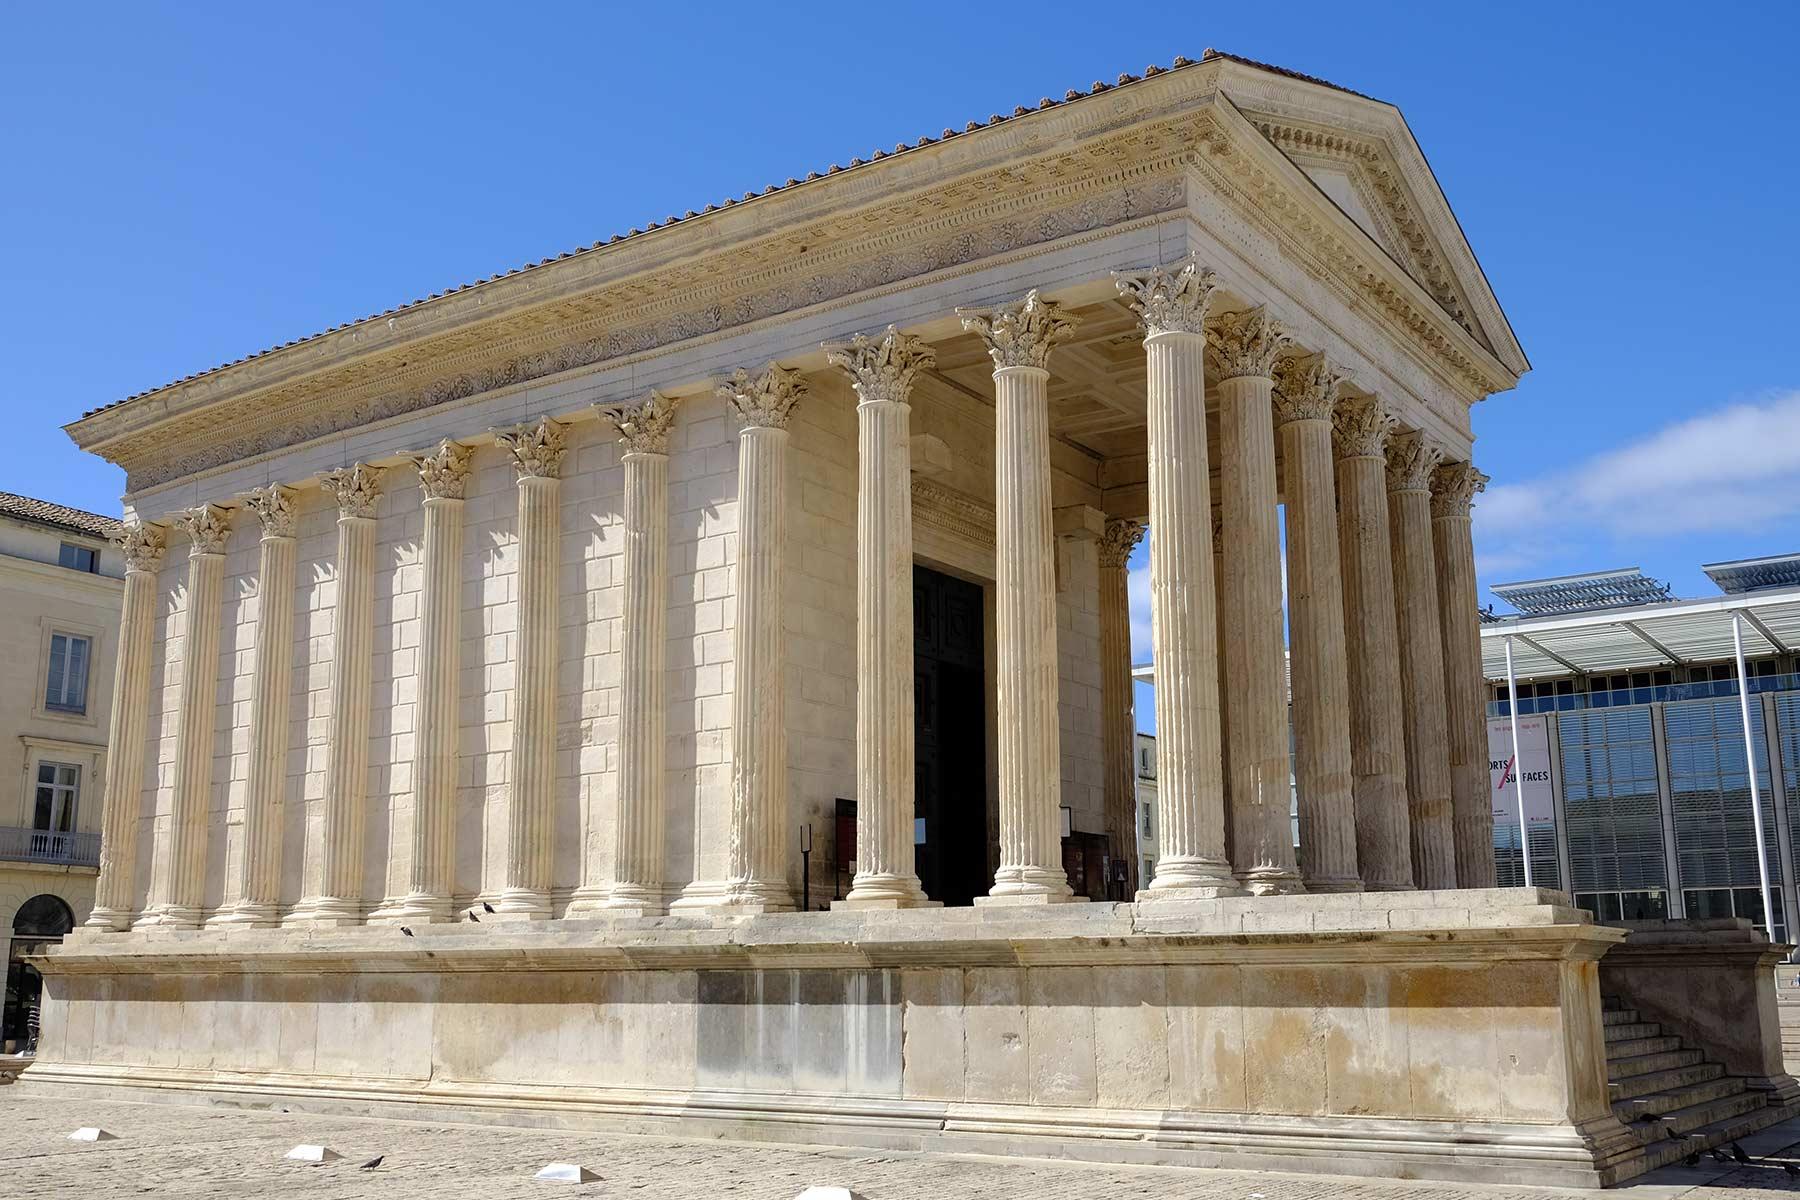 Maison Carrée in Nîmes, Frankreich